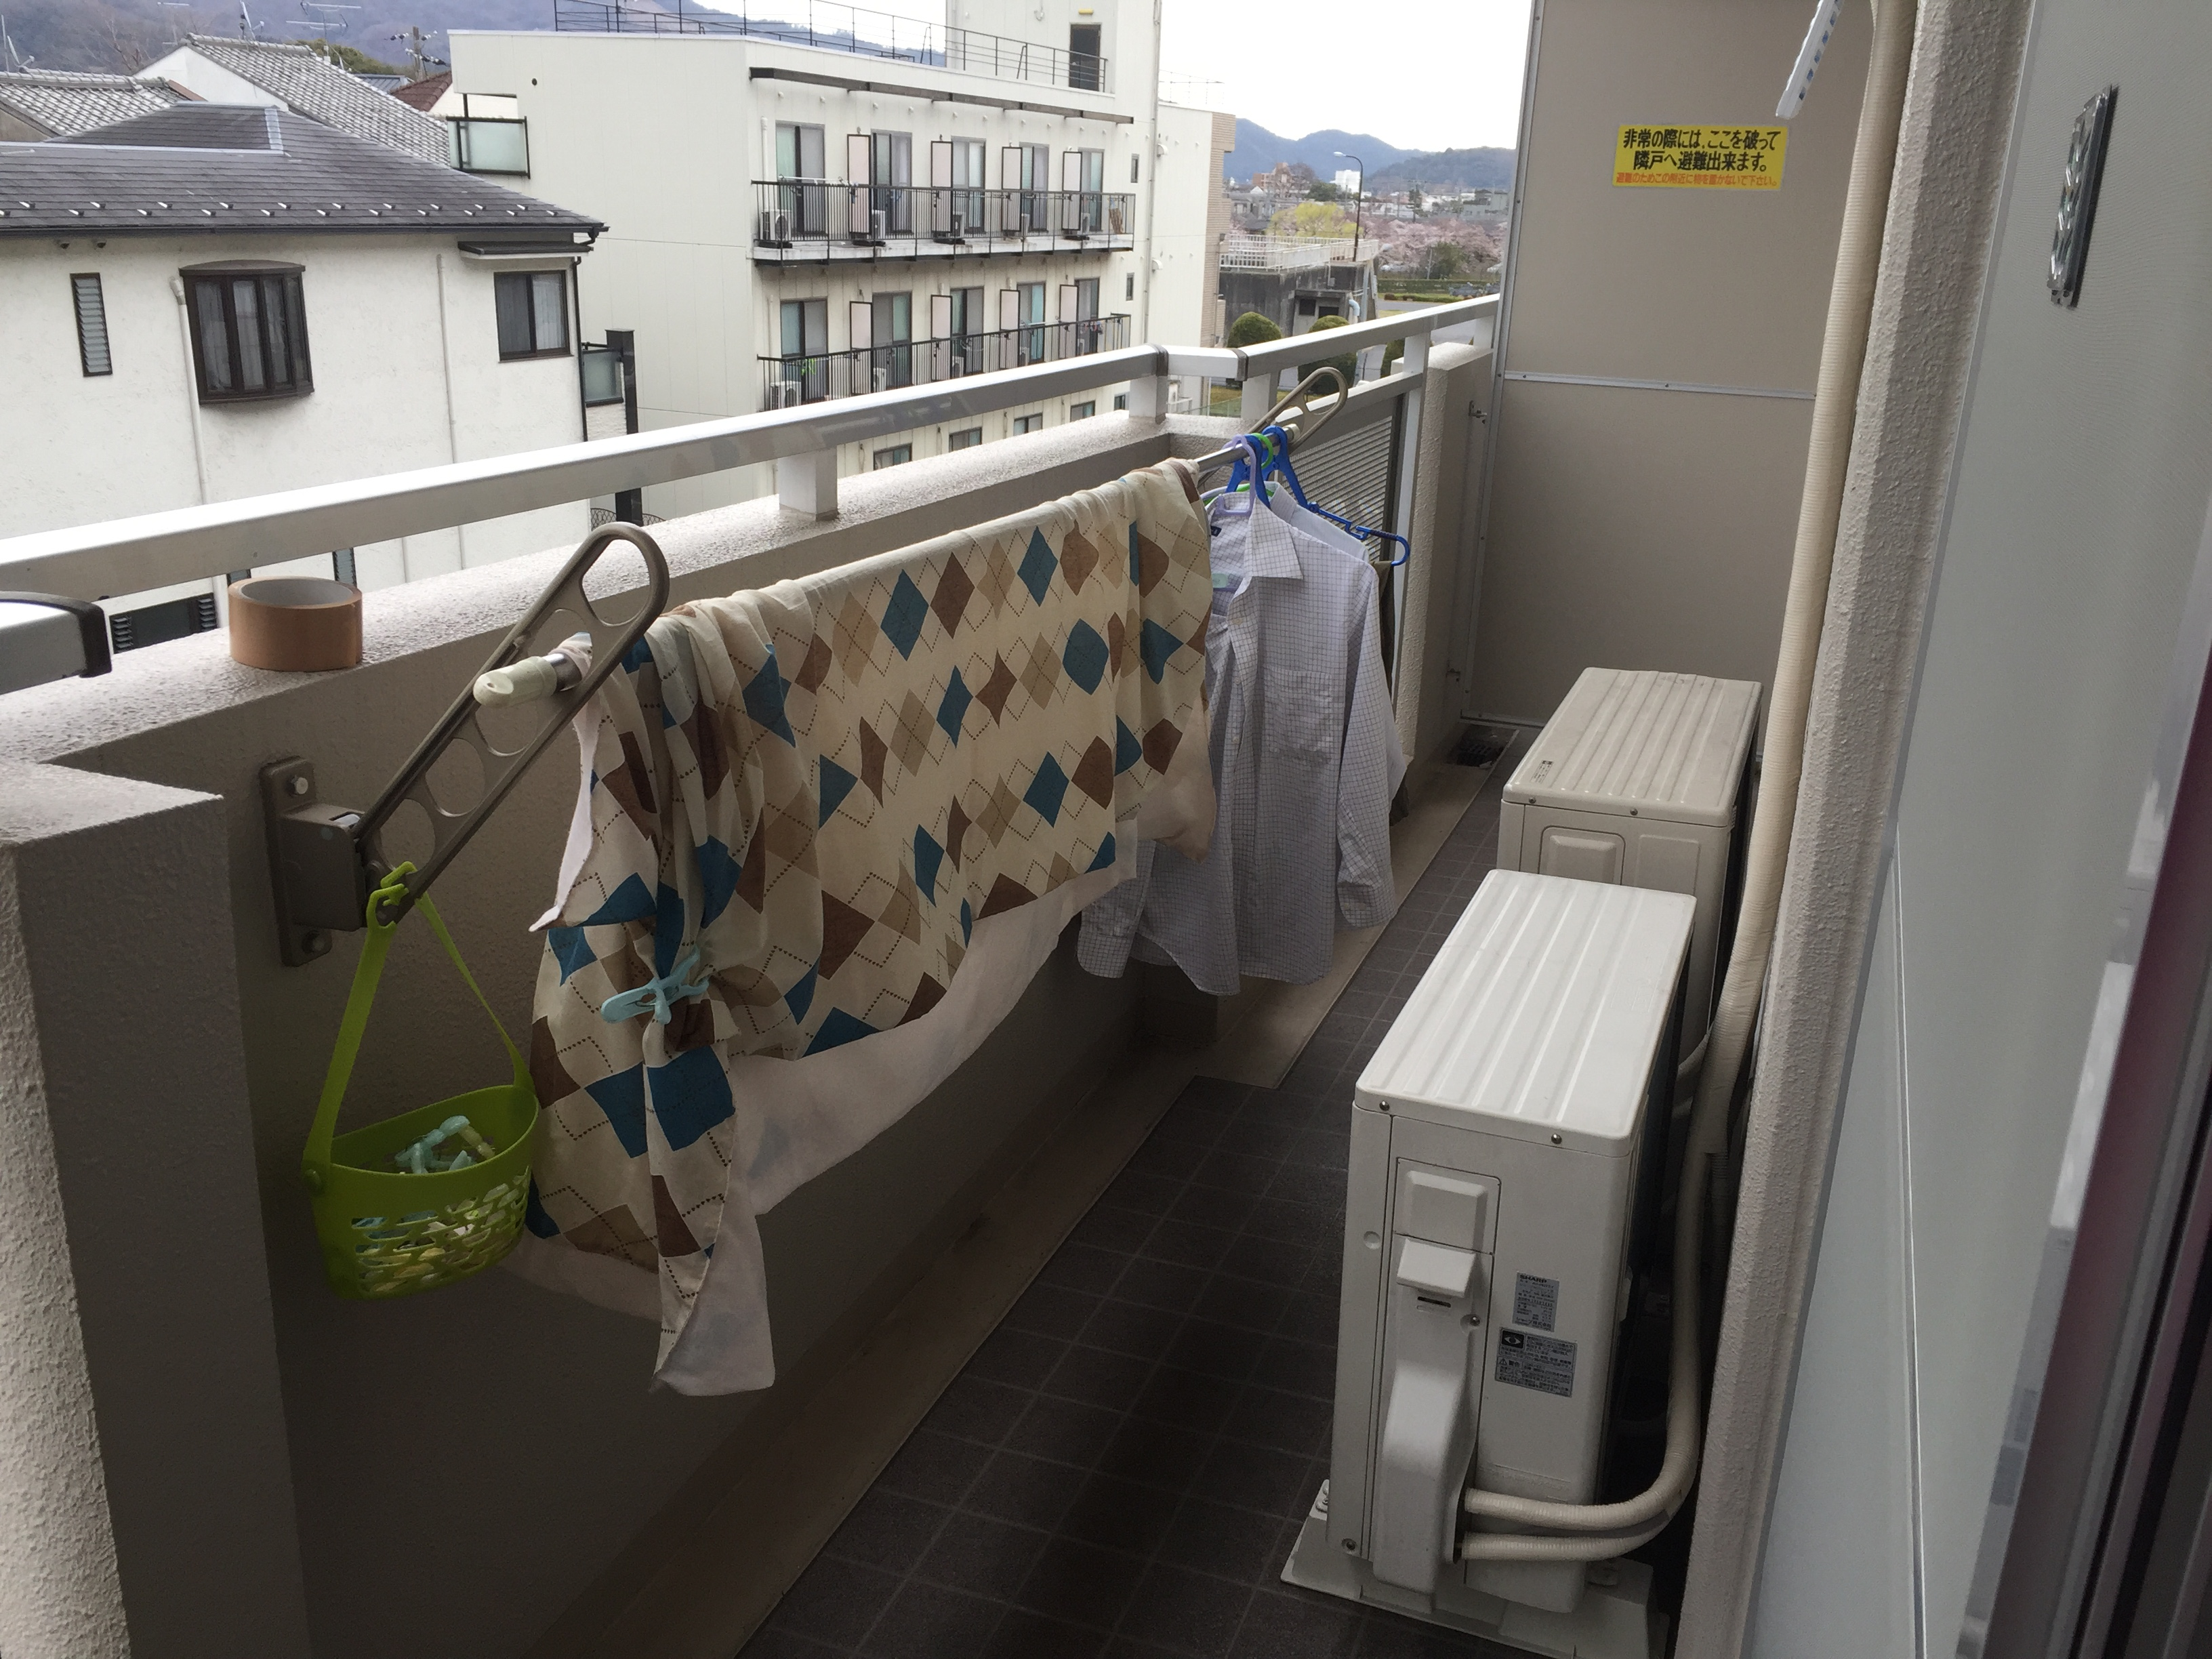 マンションのベランダの洗濯物干ざおって低くないですか